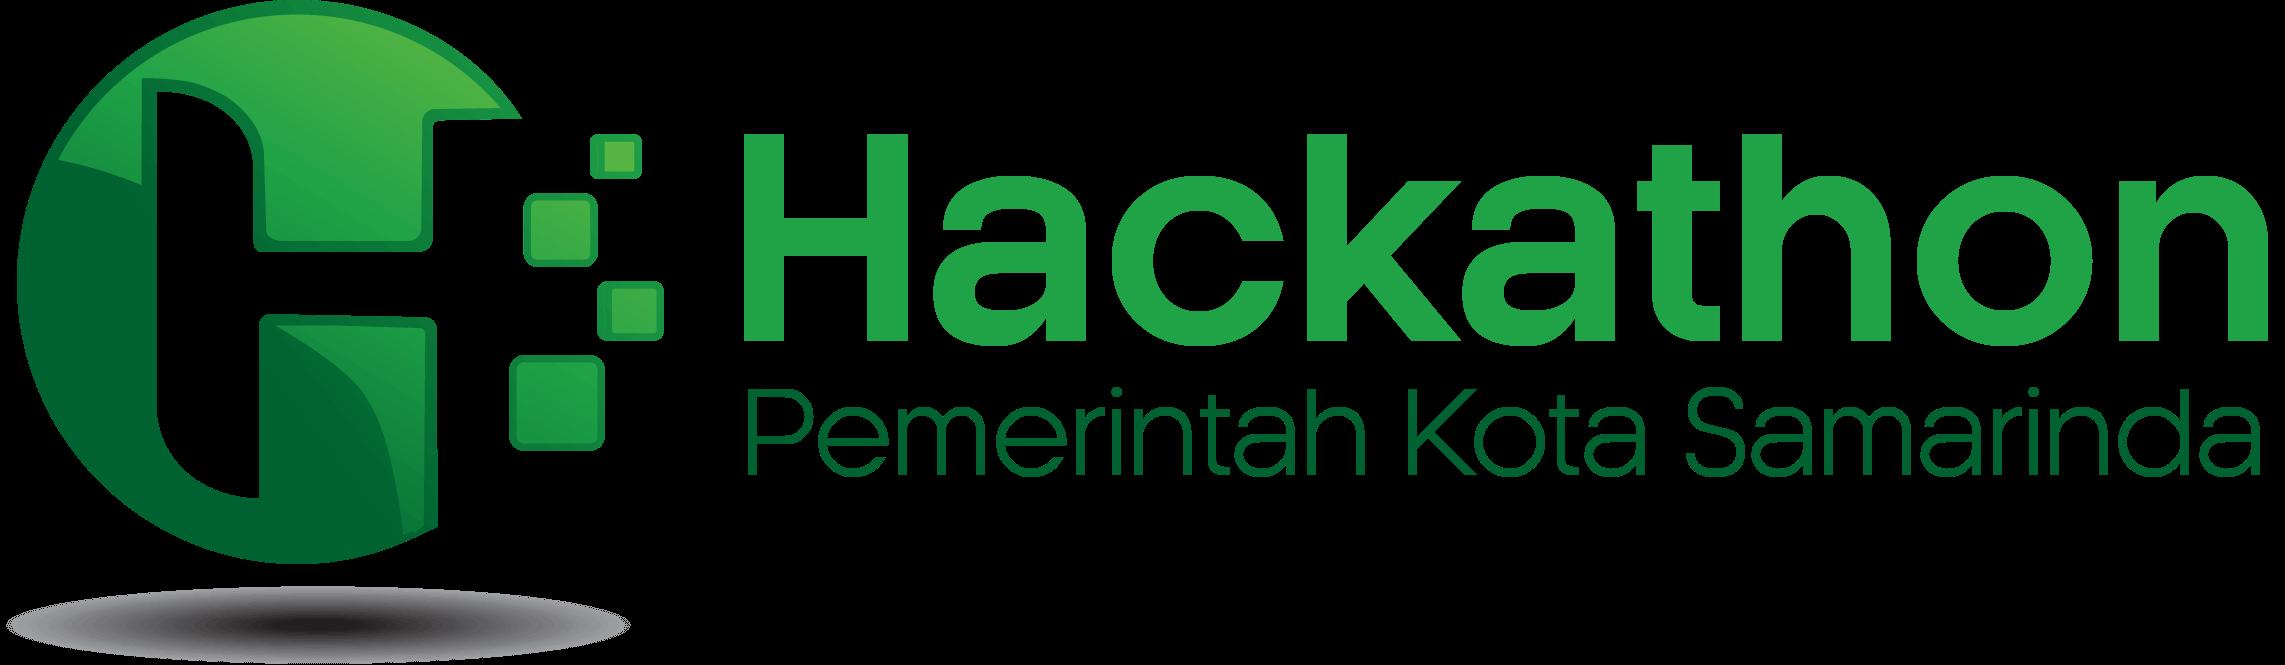 Logo Hackathon